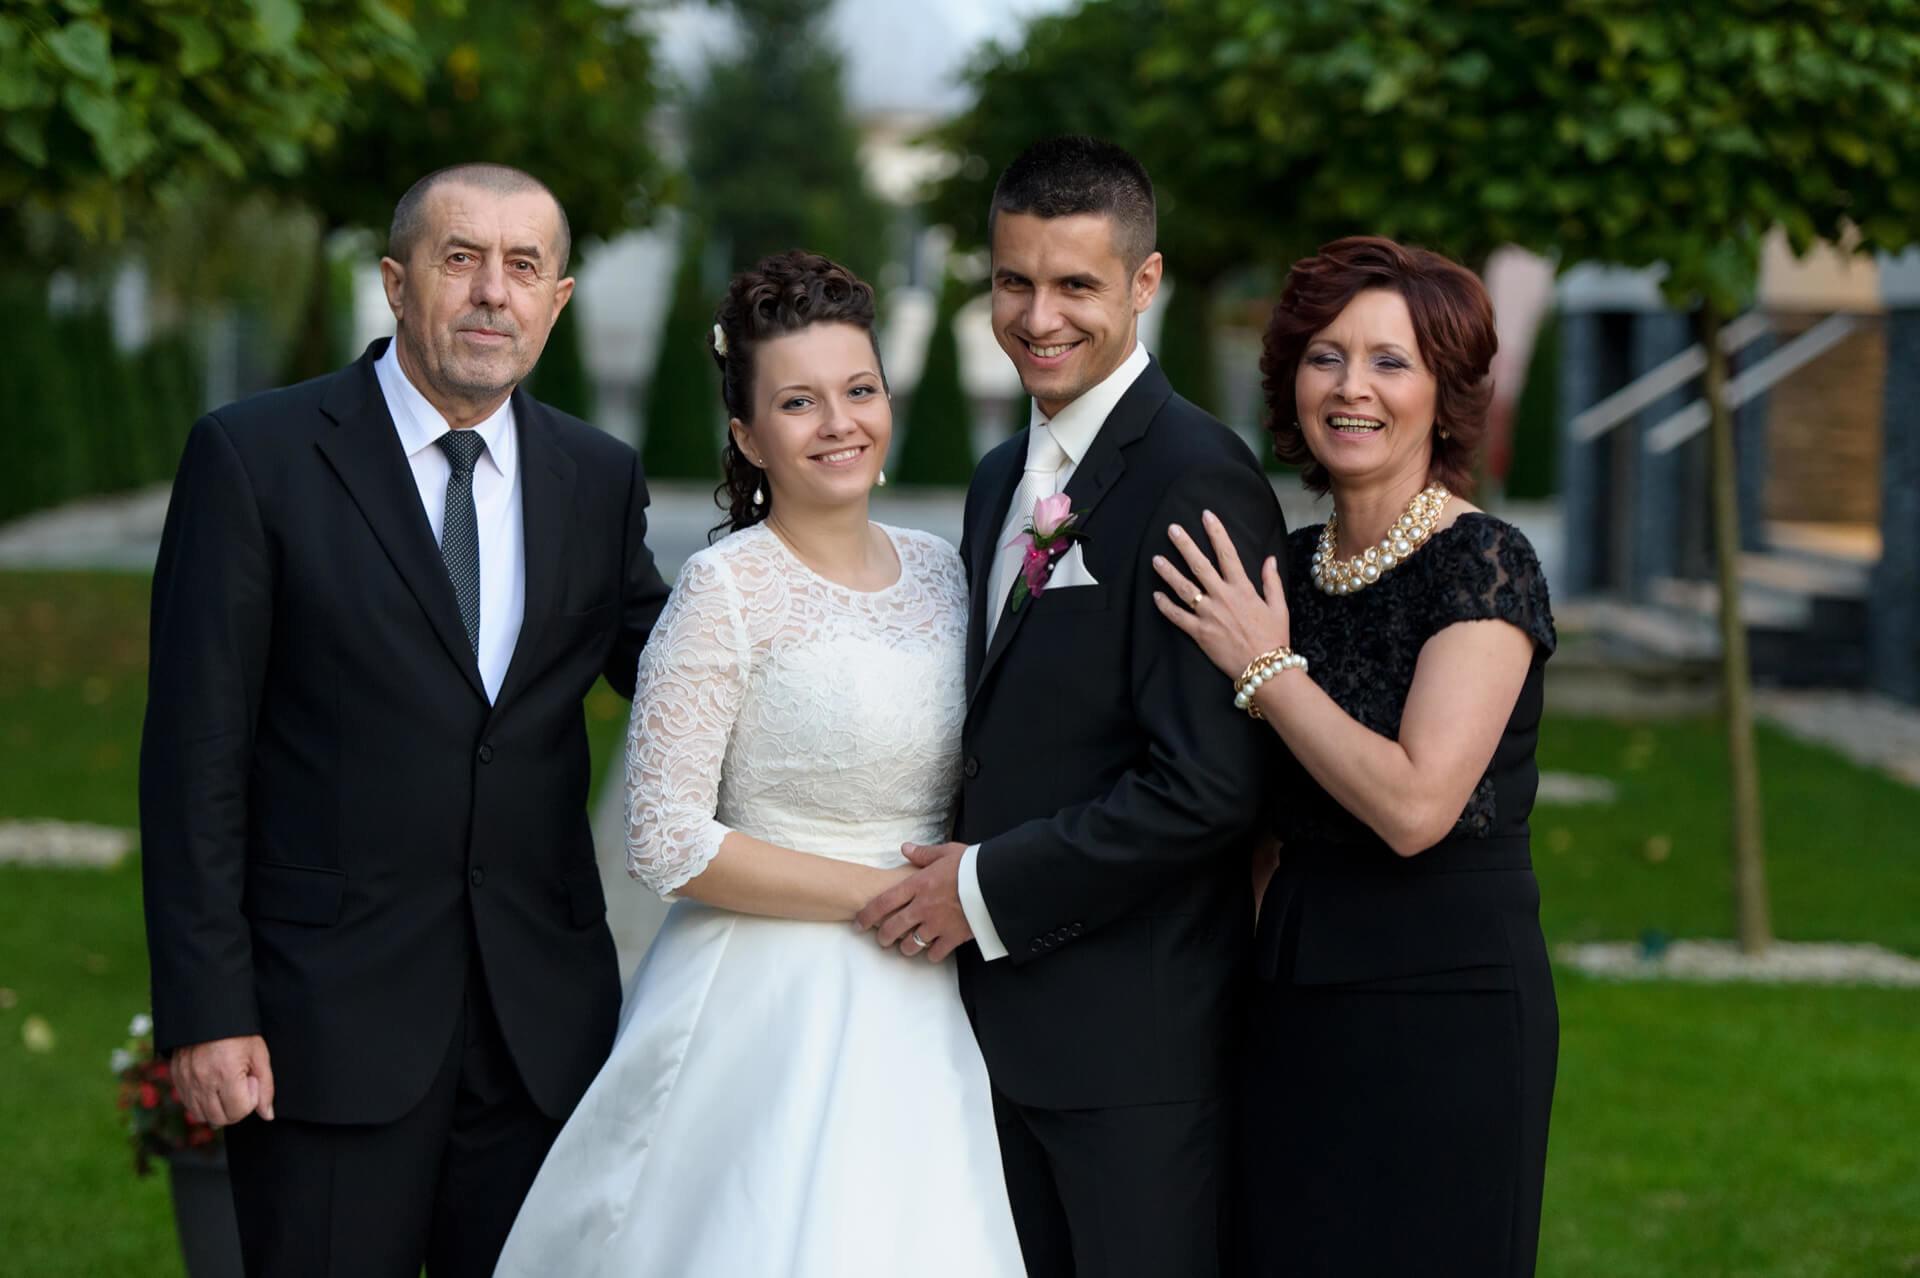 svadba svadobny profesionalne fotenie fotograf Peter Norulak Kosice__11